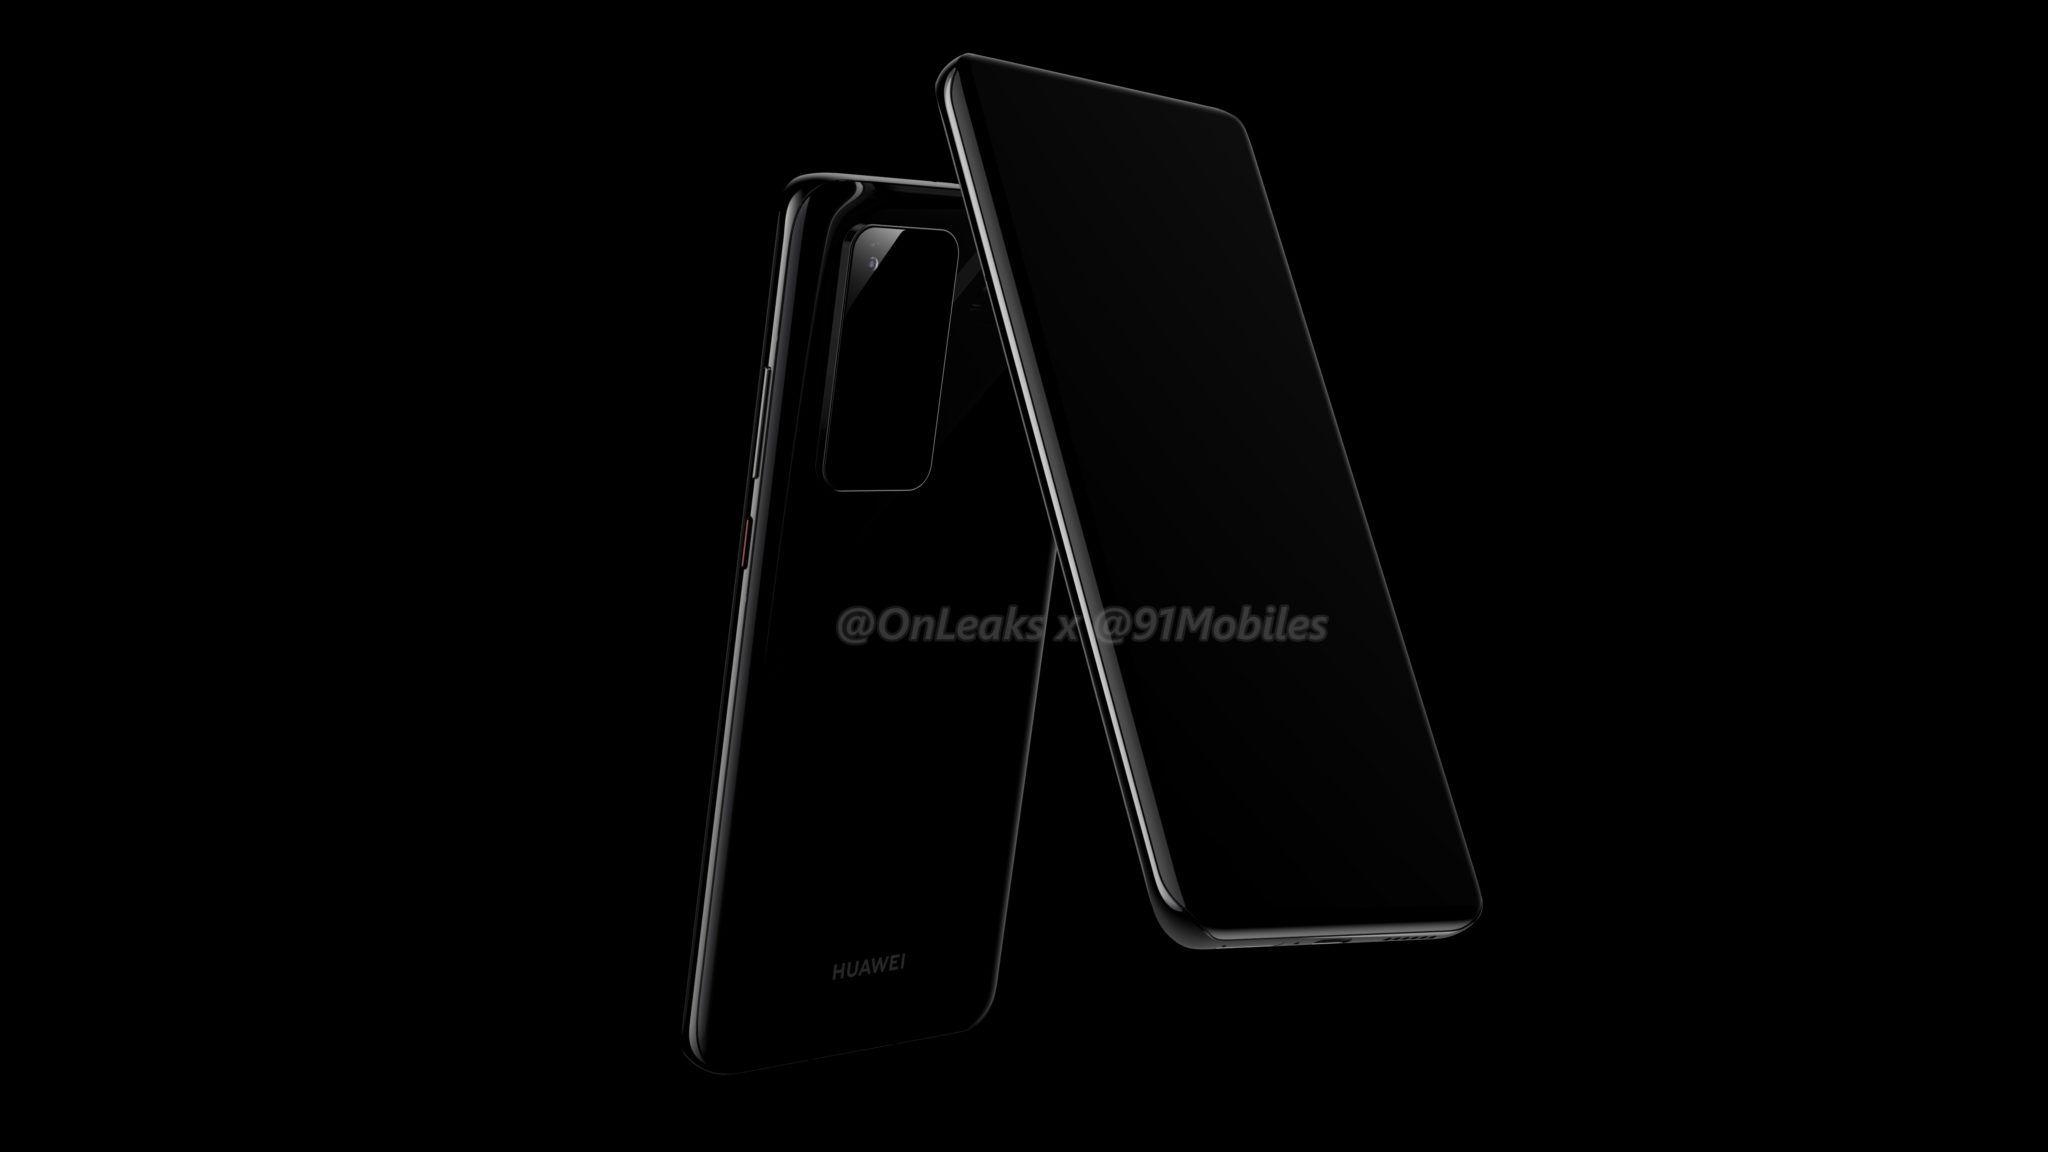 smartfon Huawei P40 Pro render